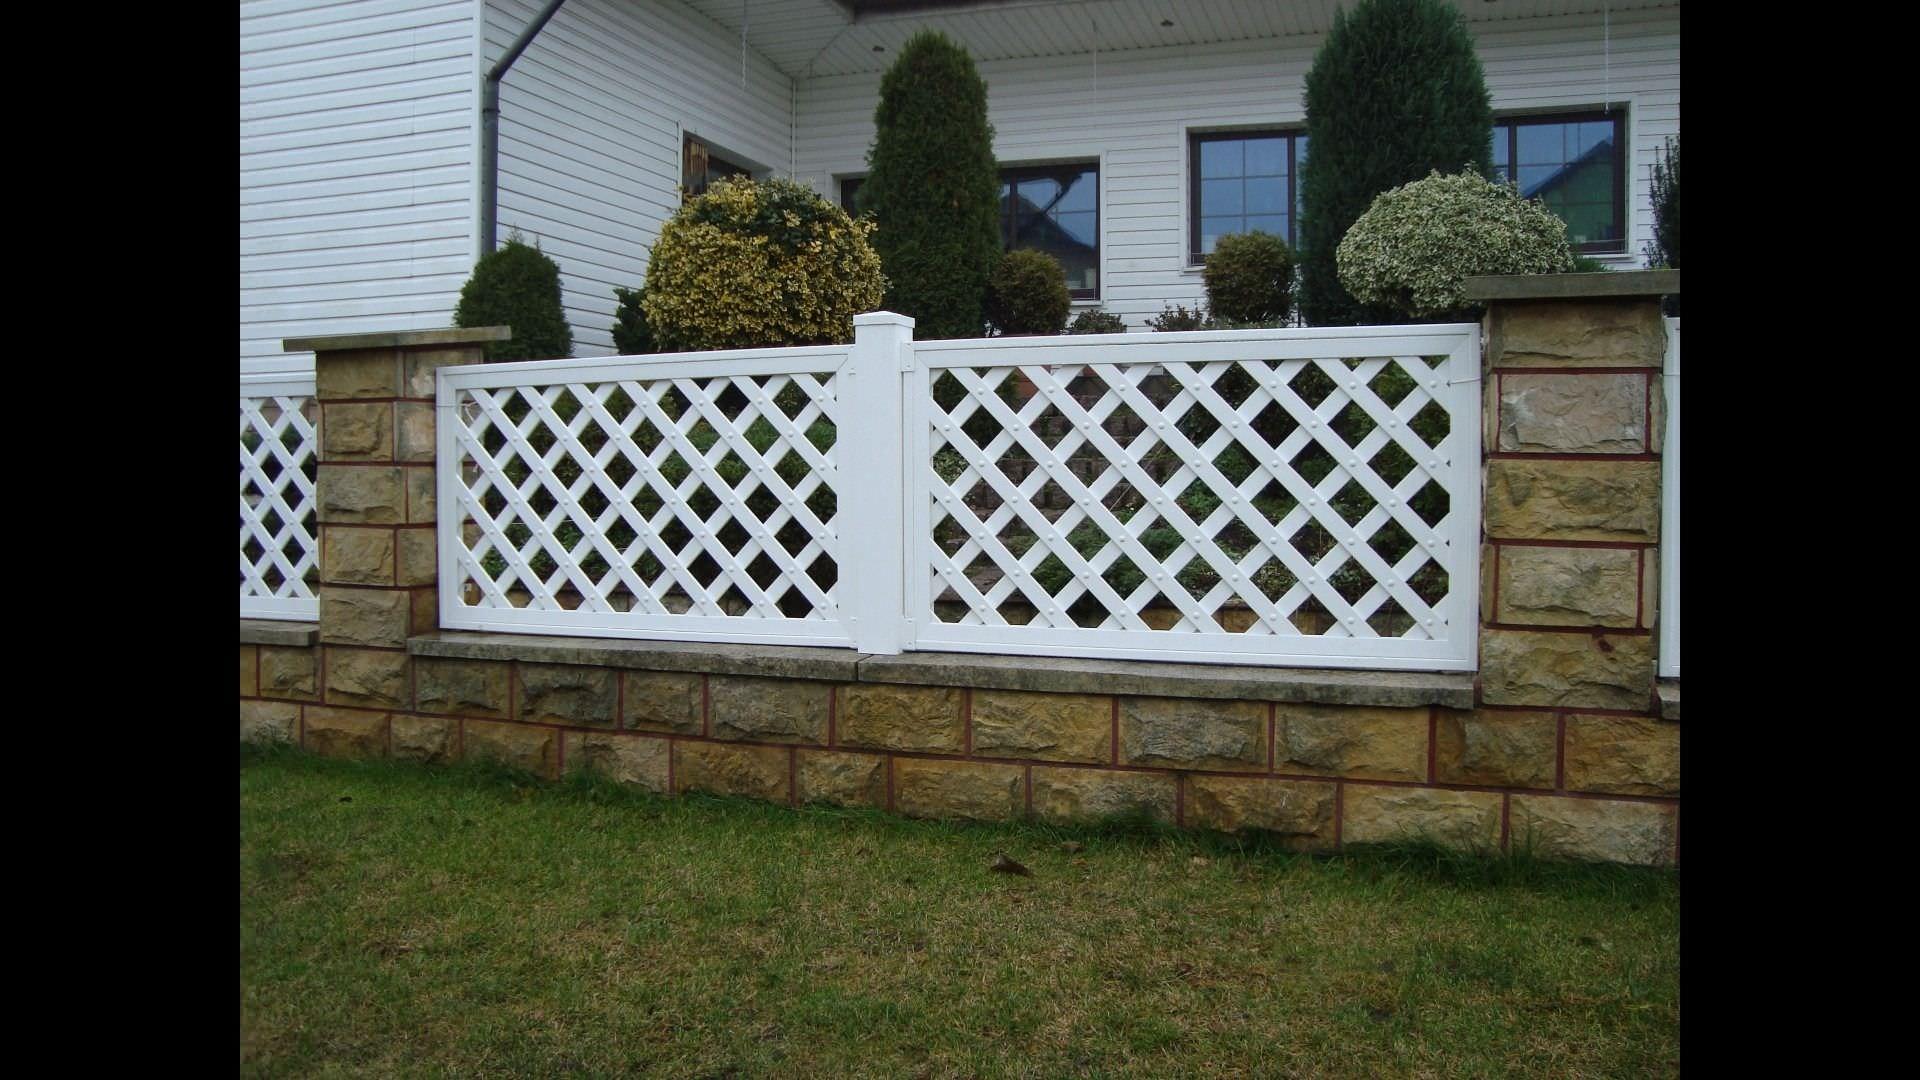 recinzione da giardino / in pvc - pergola grid skew fence - top fence - Recinzioni Da Giardino In Pvc